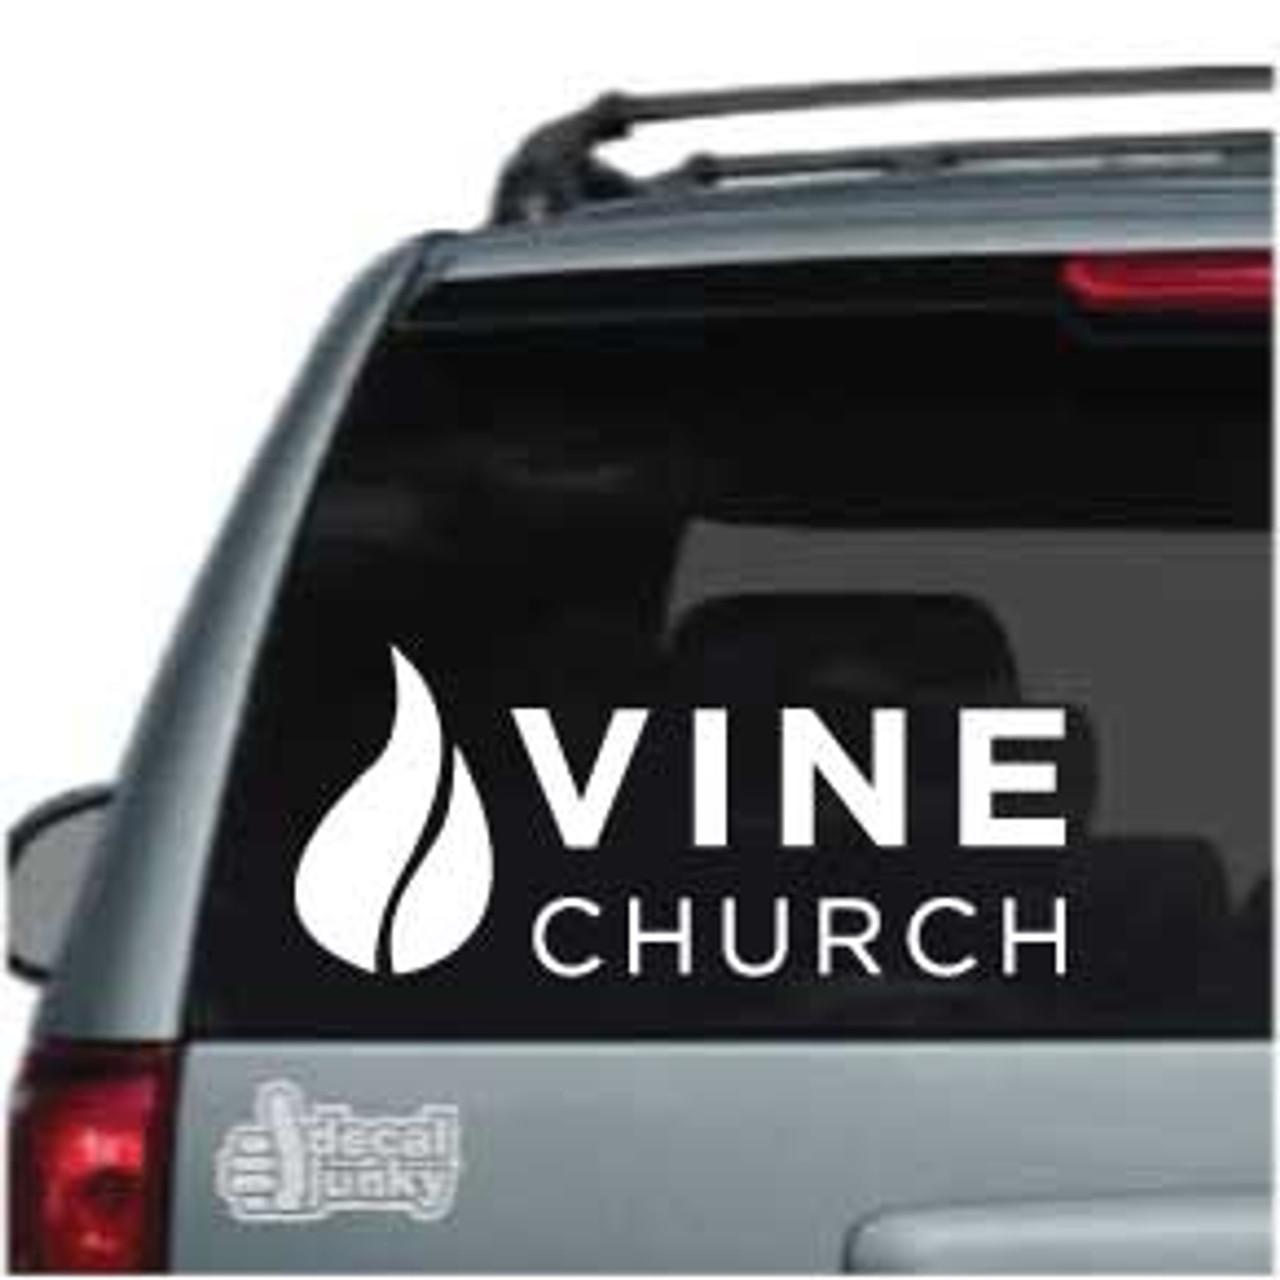 Vine Church Logo Car Decals